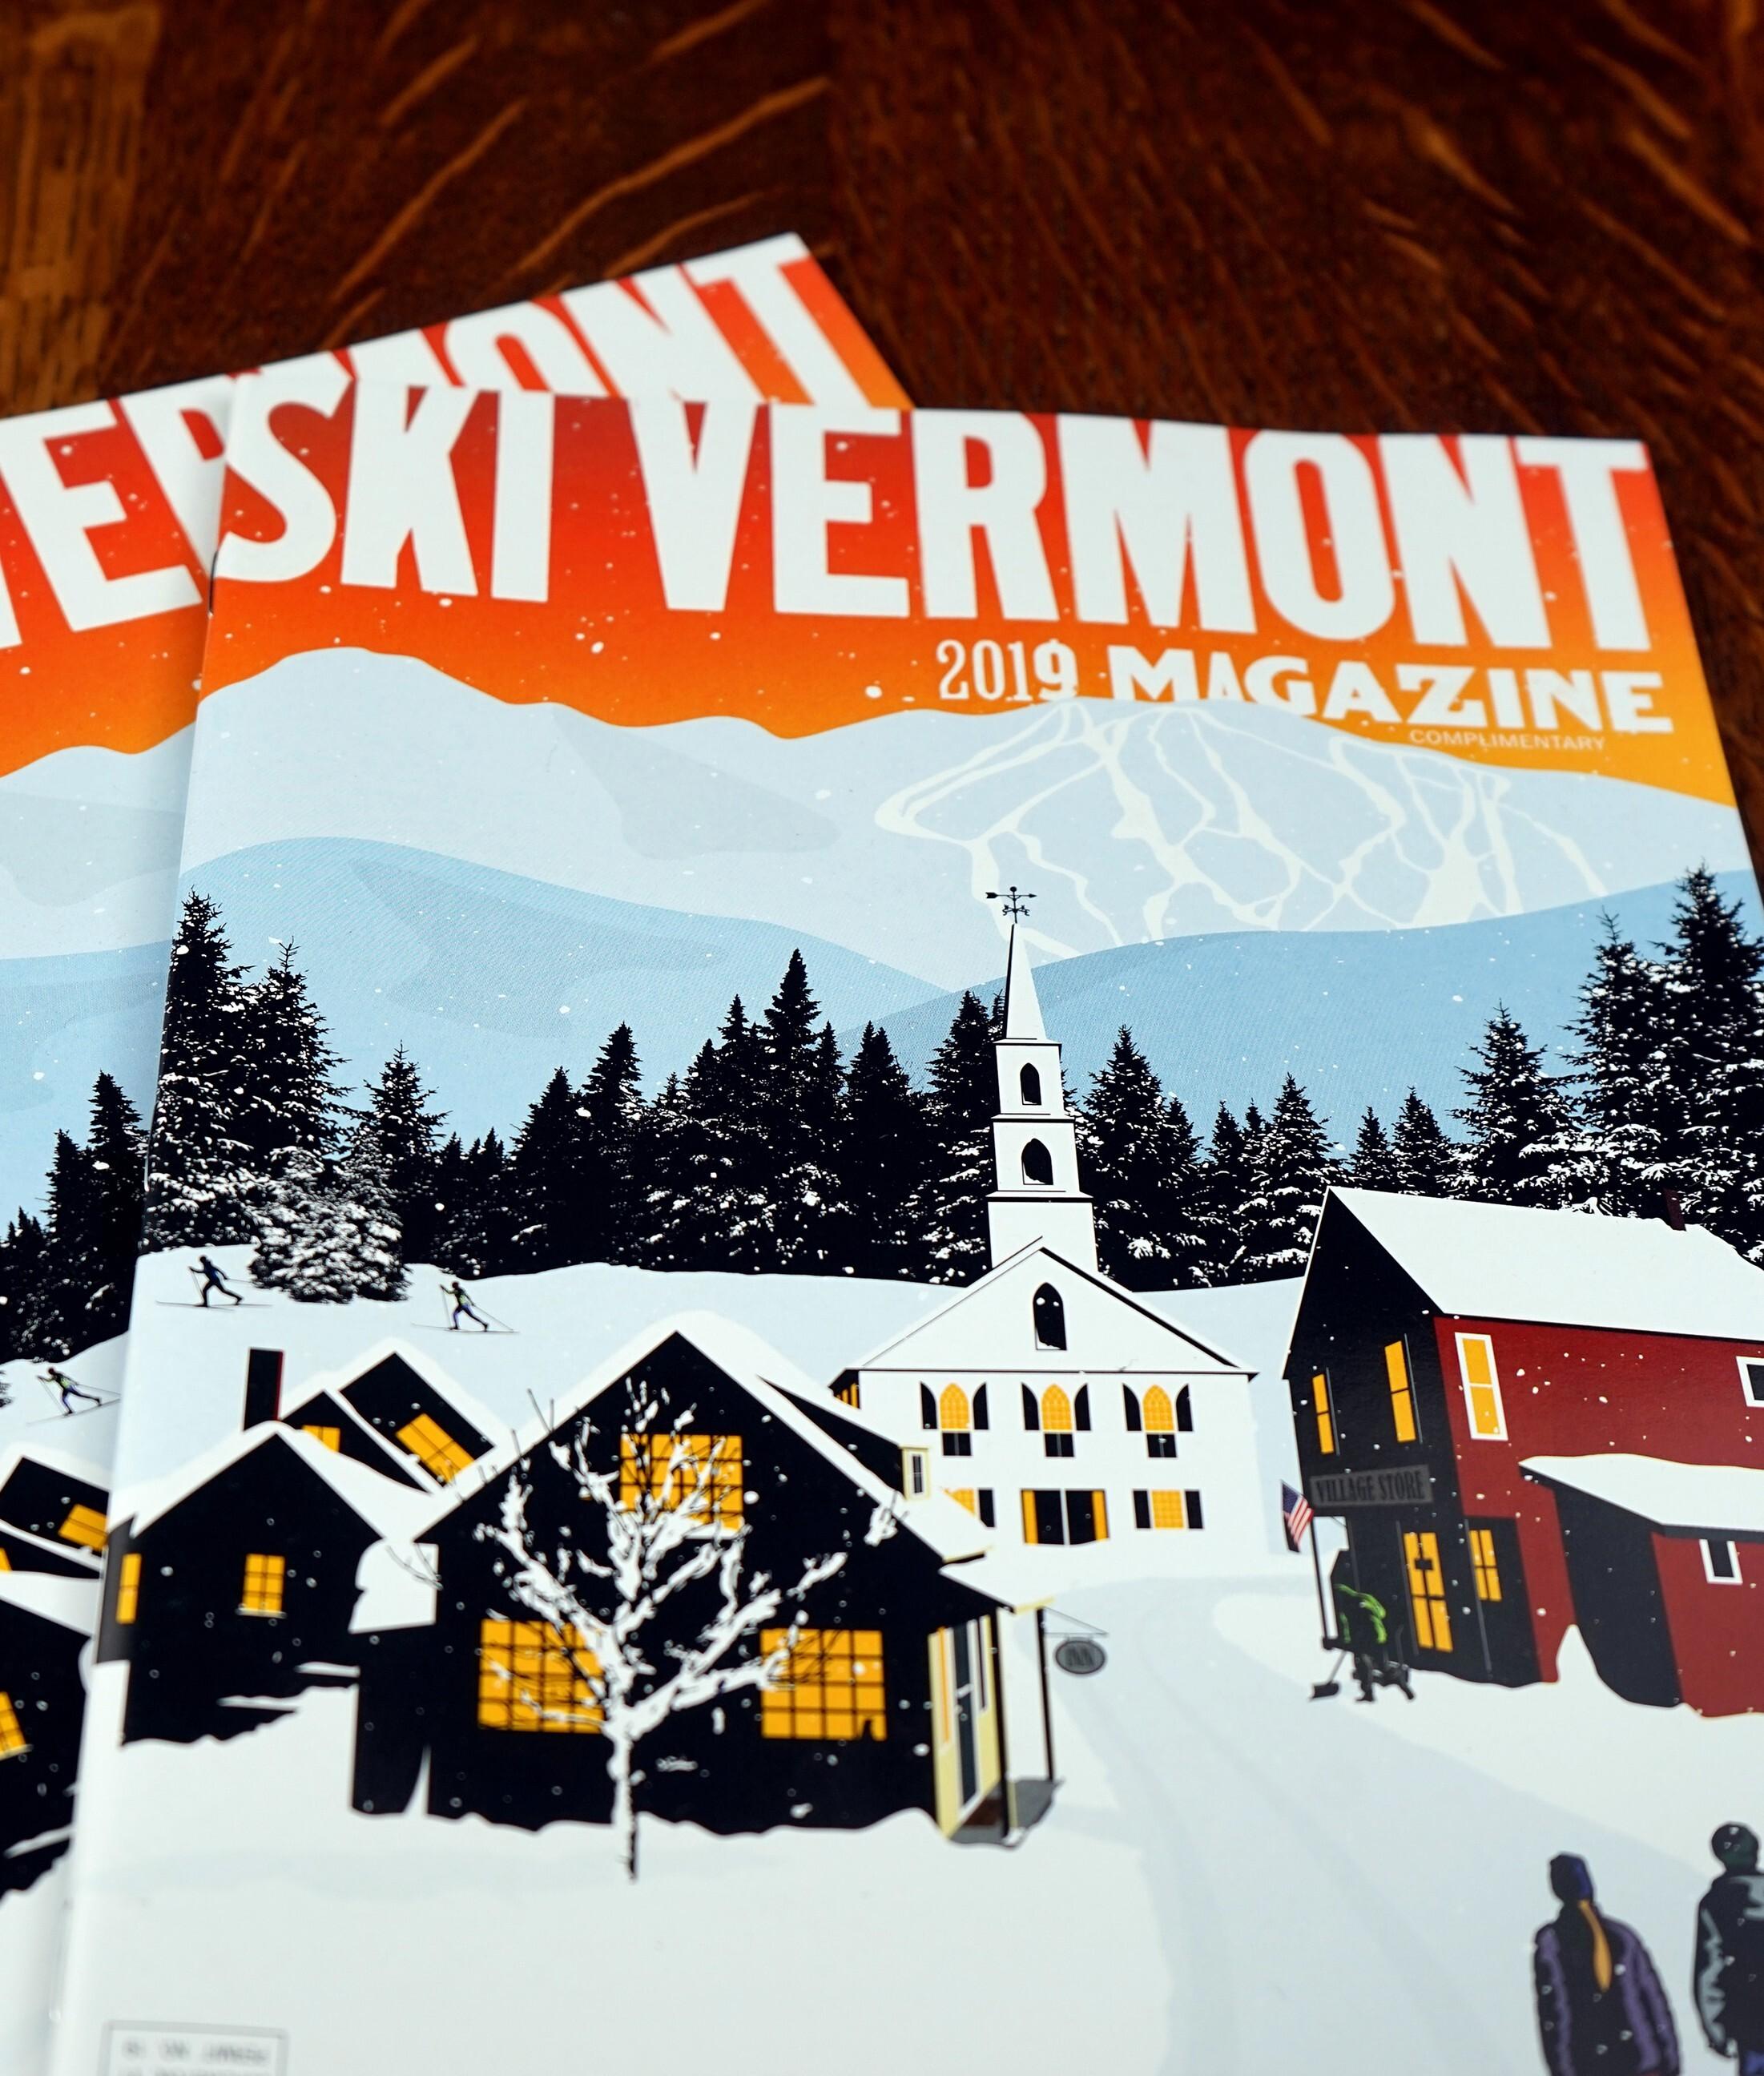 ski vermont branding logo design